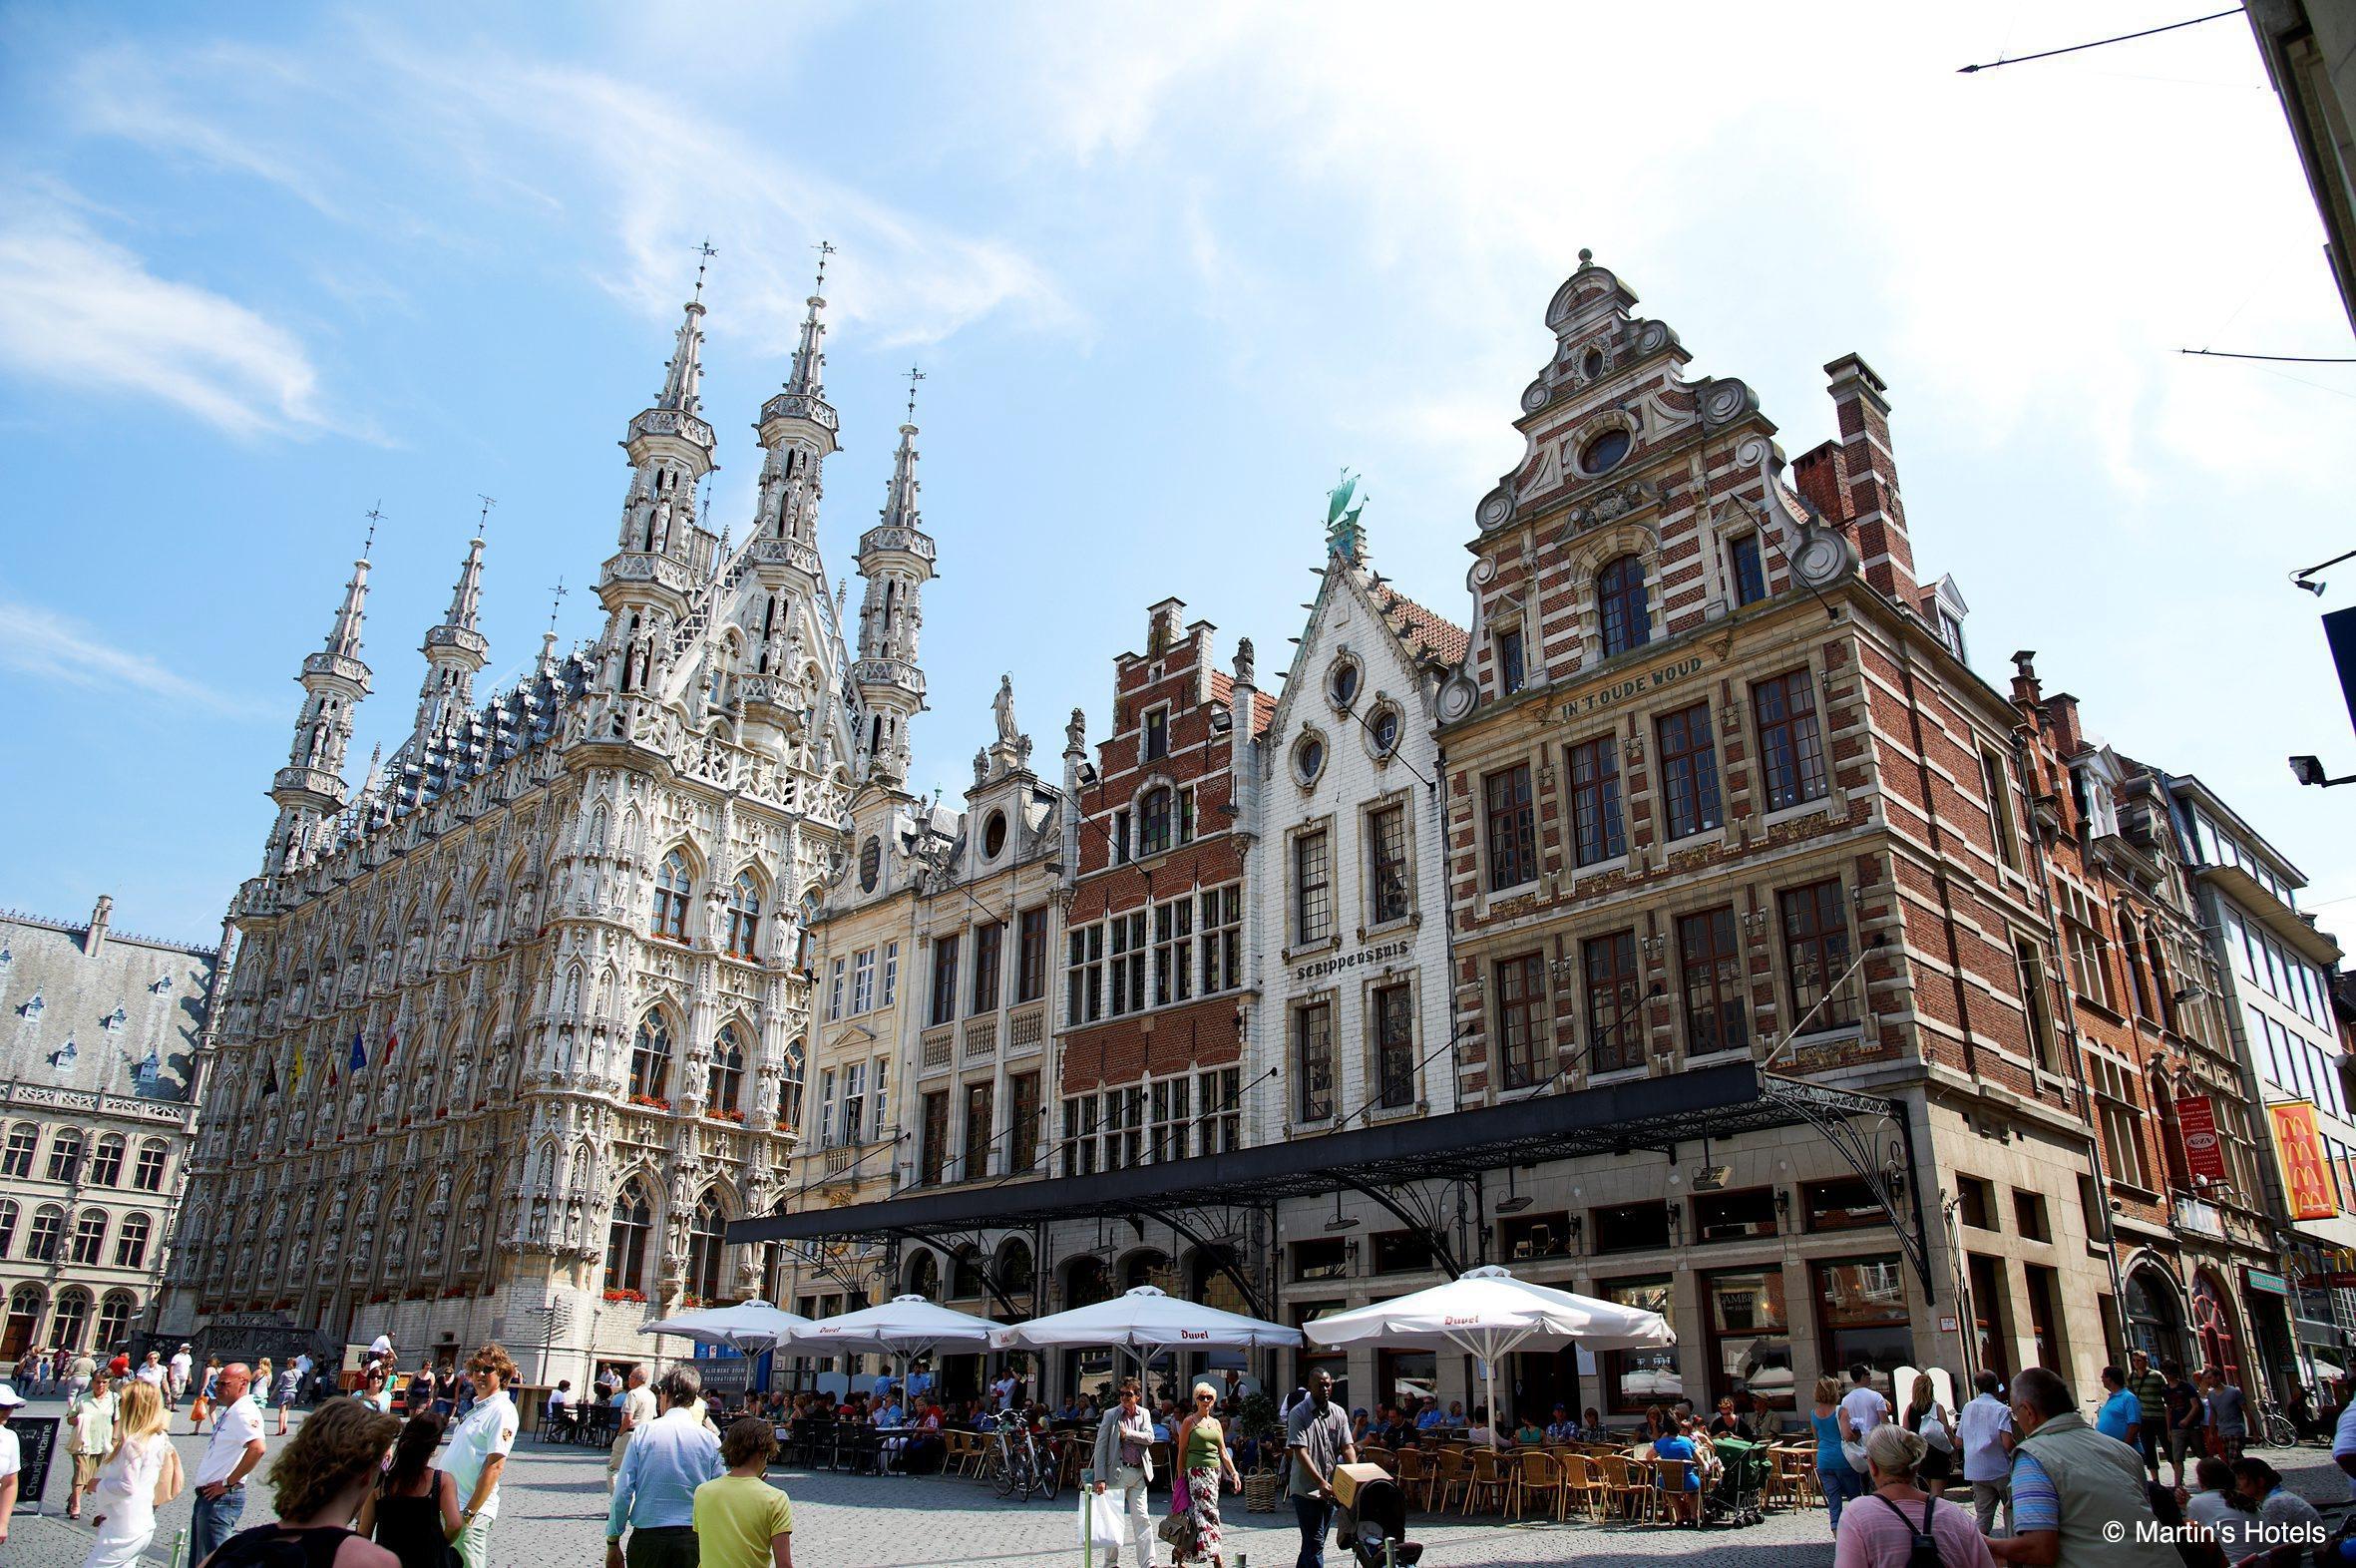 Ontdek de veelzijdige en verrassende stad Leuven!